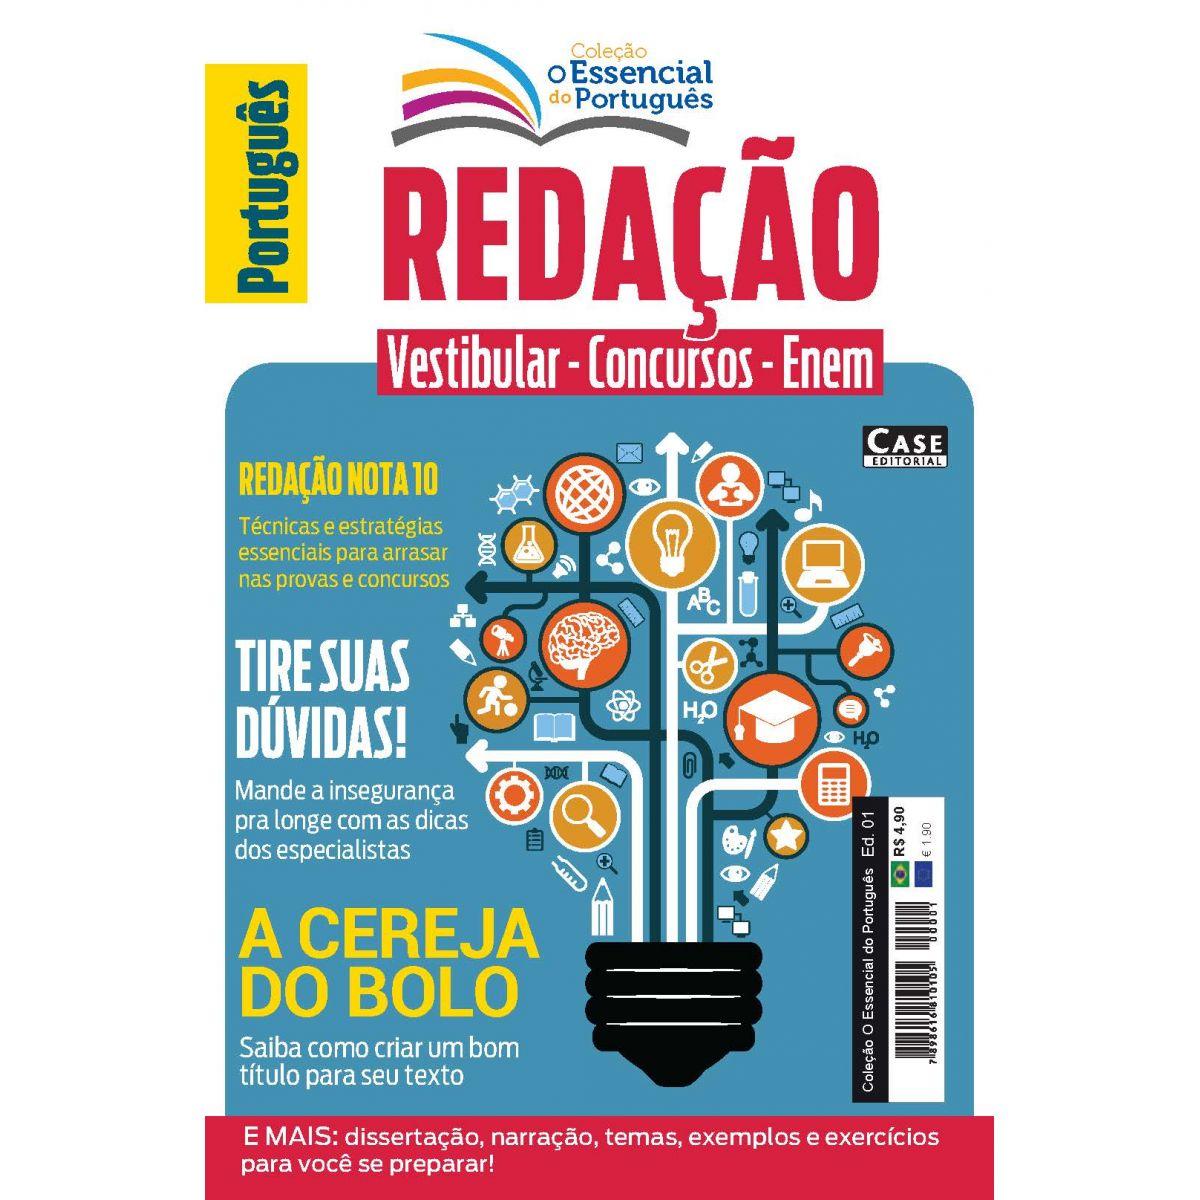 Coleção O Essencial do Português - Edição 01  - EdiCase Publicações